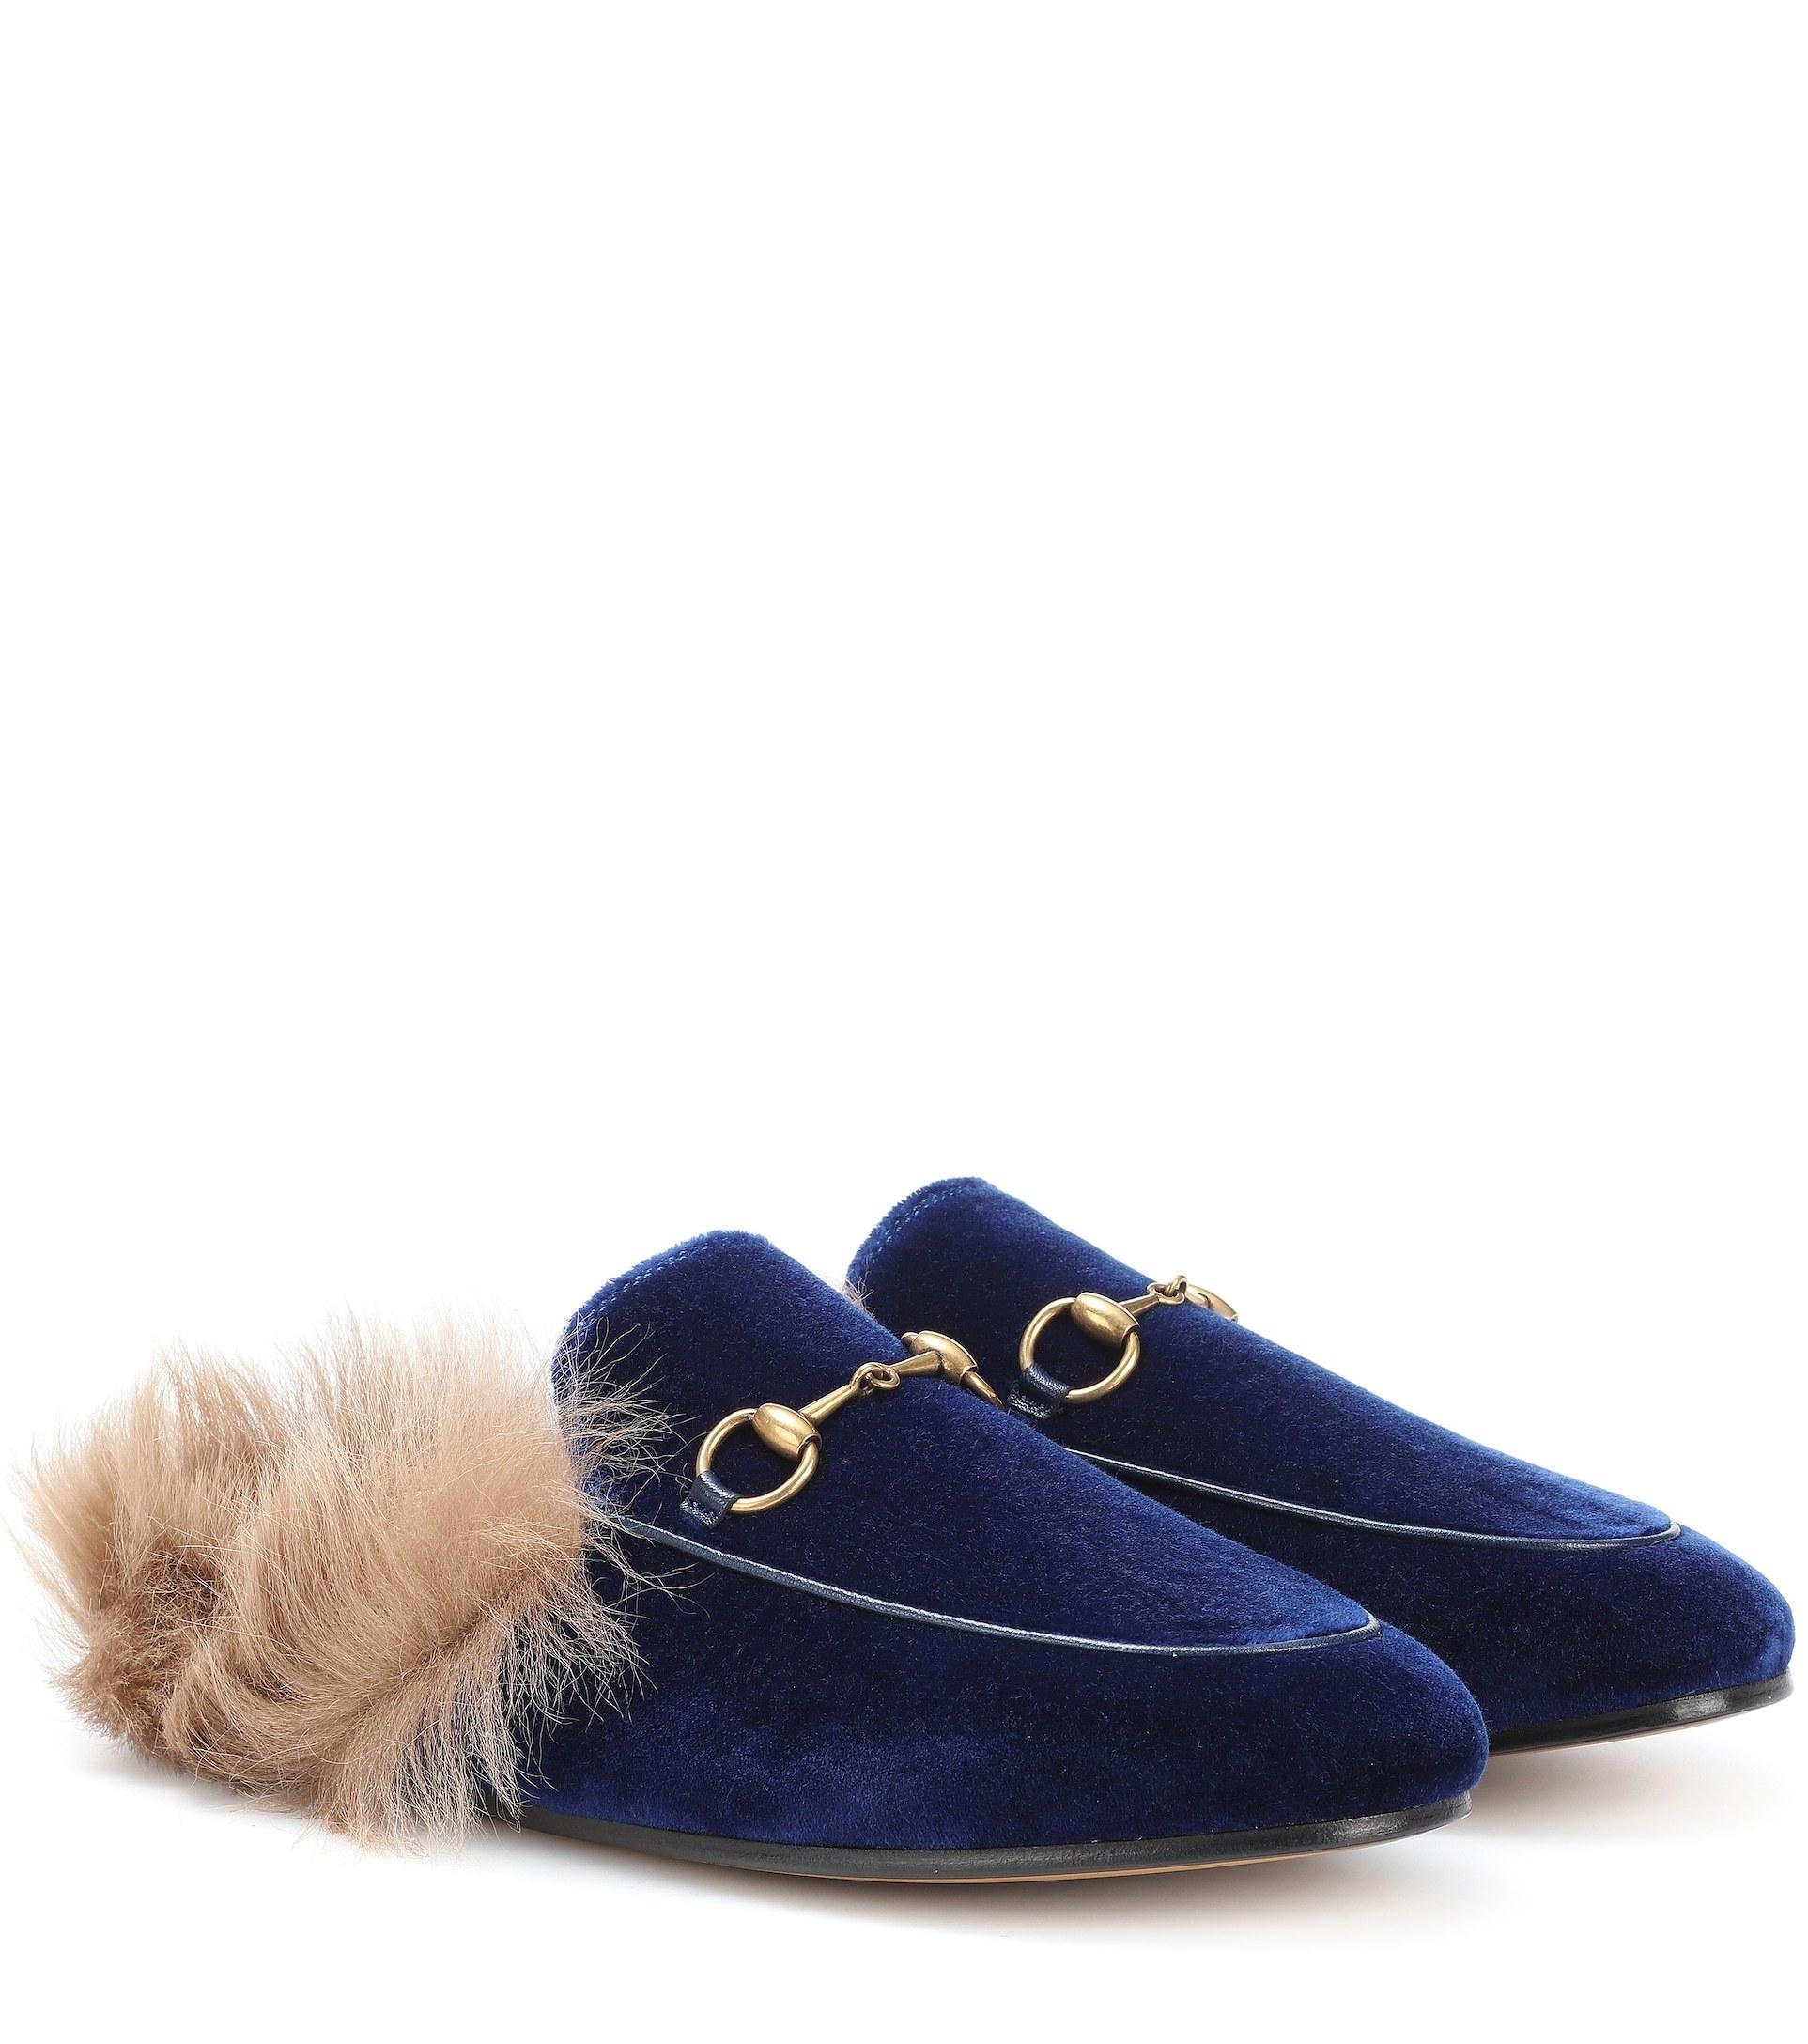 Modelo <em>Princetown</em> de terciopelo azul noche (695 ¤) Gucci.